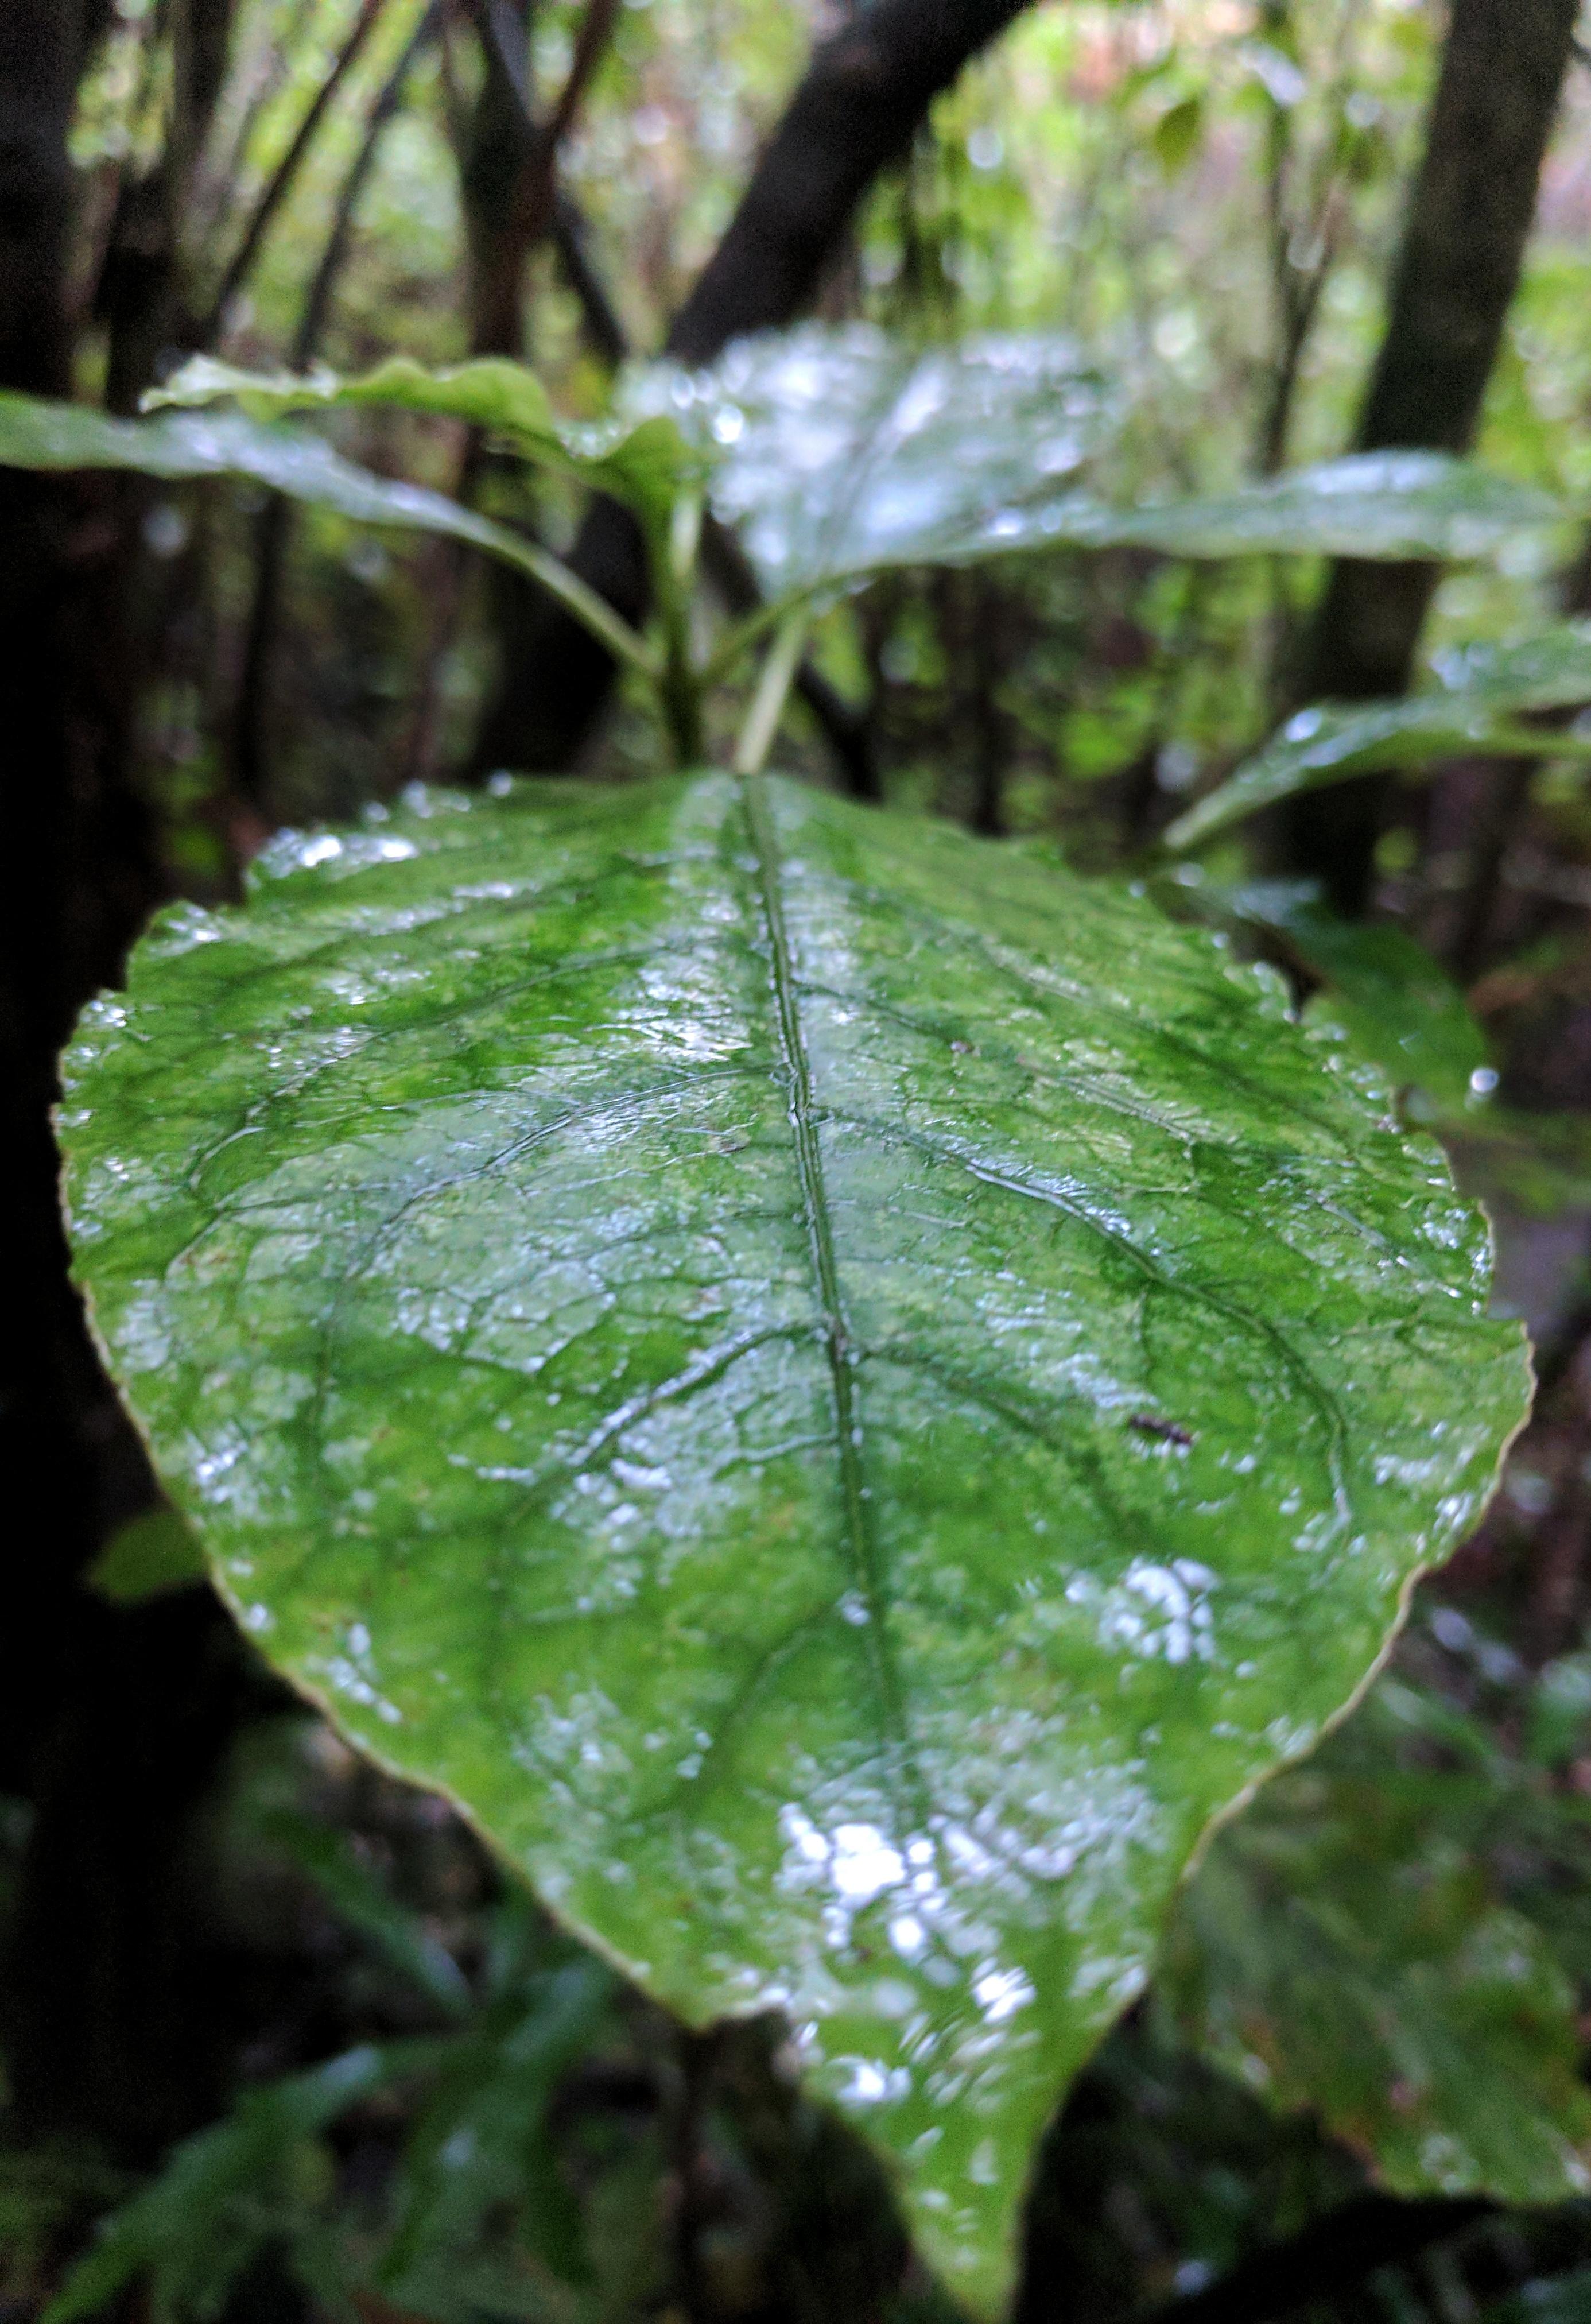 Wet leaf in a rain shower (Aotearoa New Zealand)